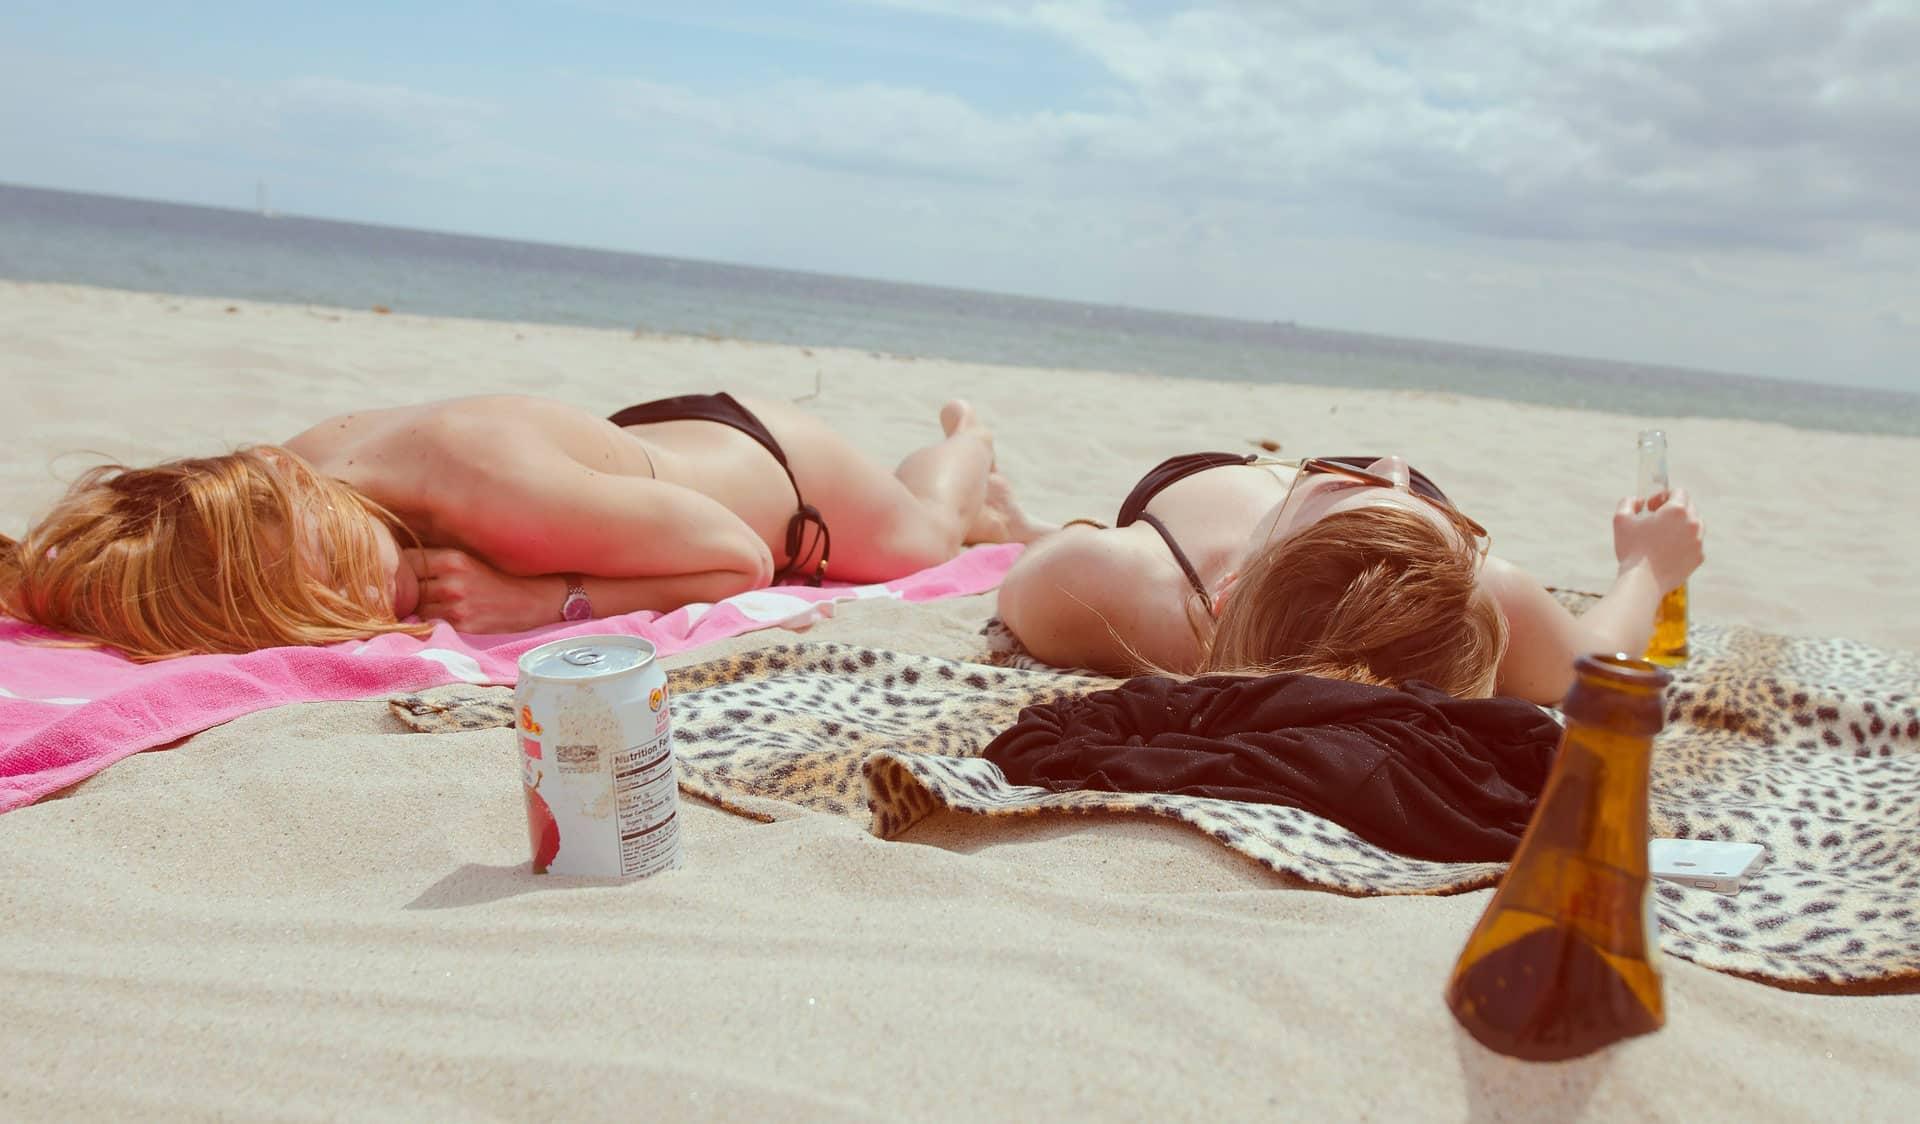 Feriepenger – świadczenie urlopowe. Czy należą Ci się pieniądze wakacyjne?